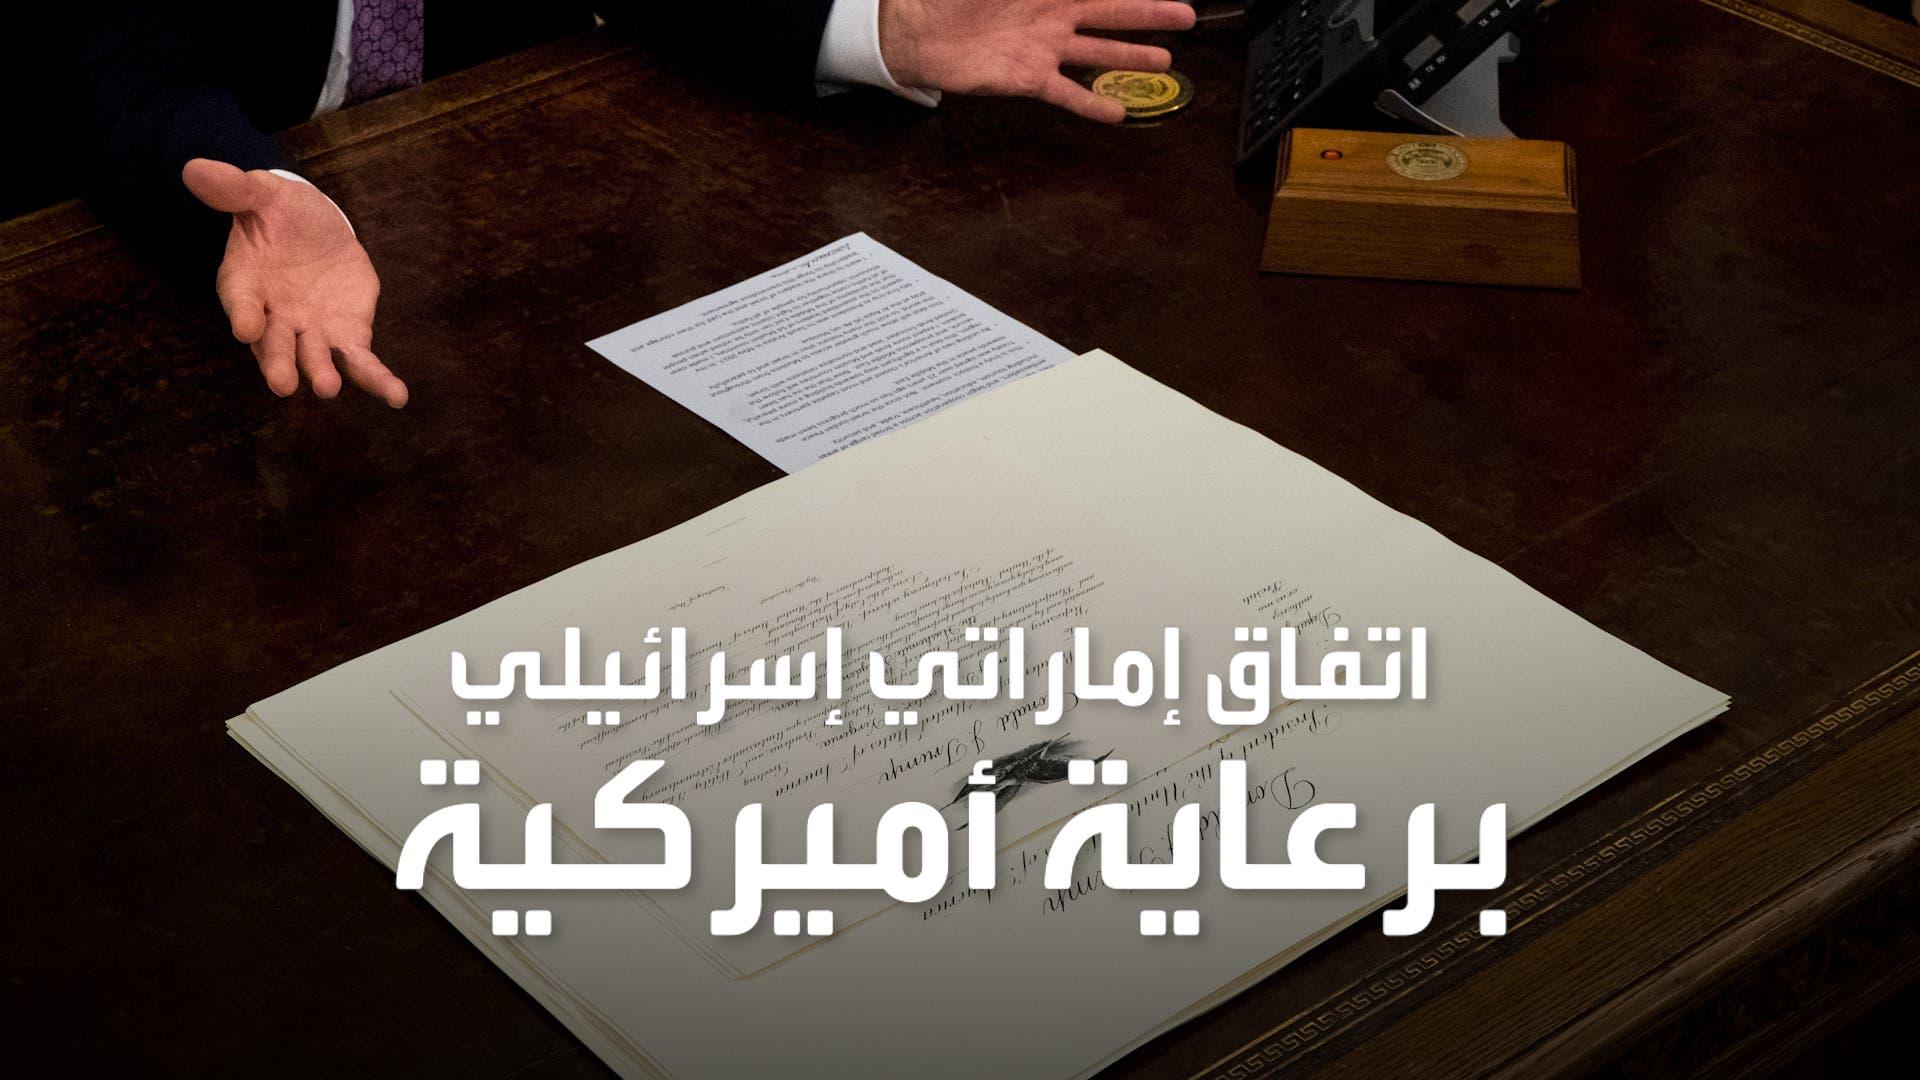 اتفاق تاريخي بين الإمارات وإسرائيل